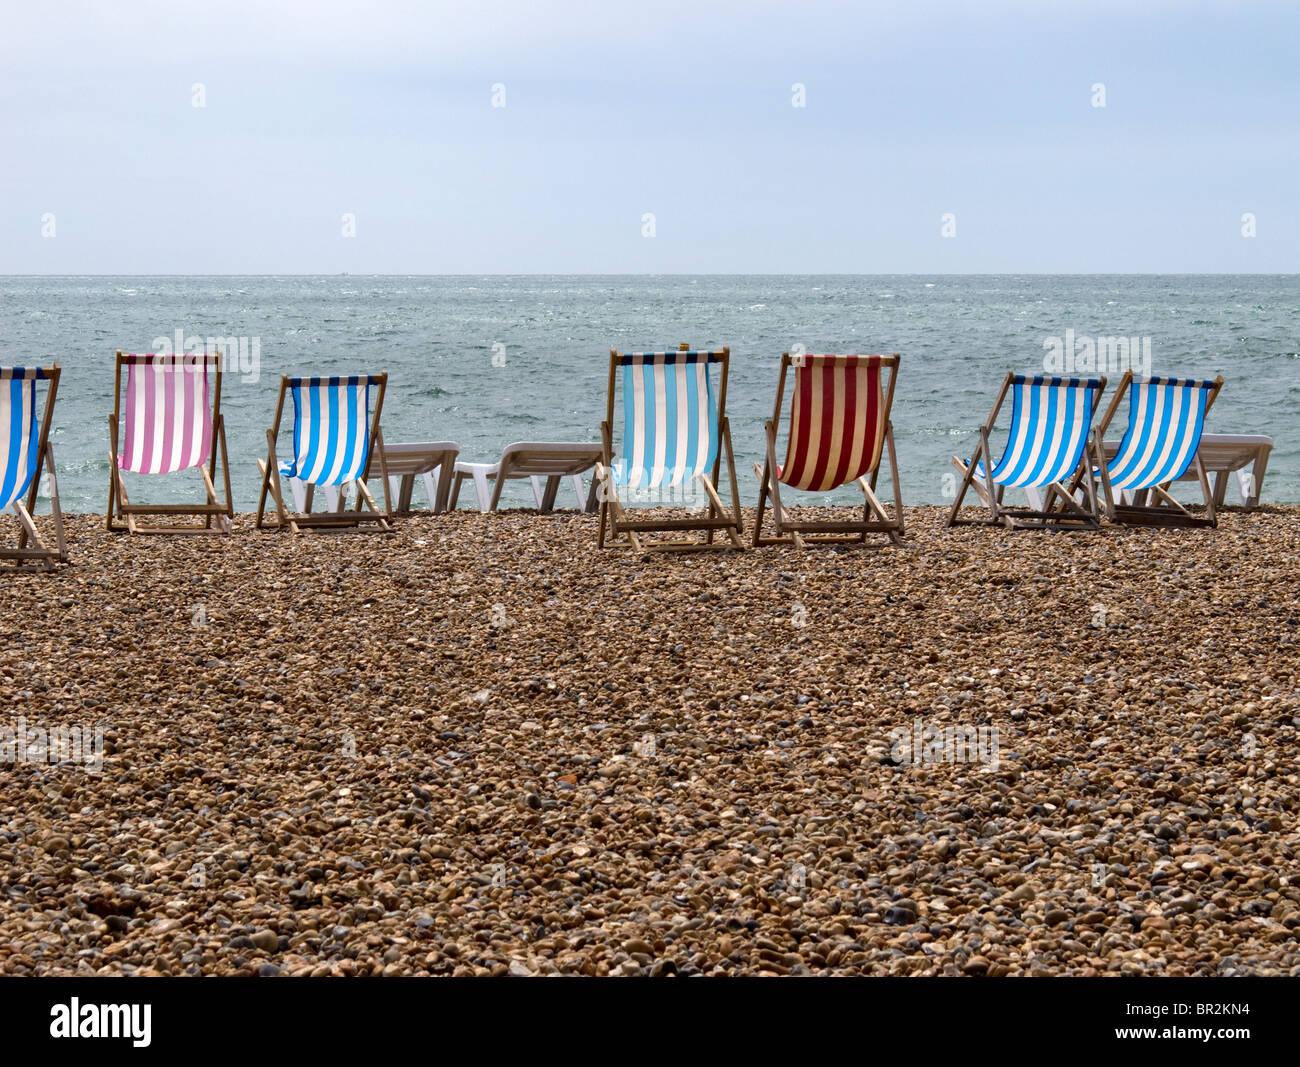 Svuotare sdraio su una deserta spiaggia ghiaiosa-1 Immagini Stock